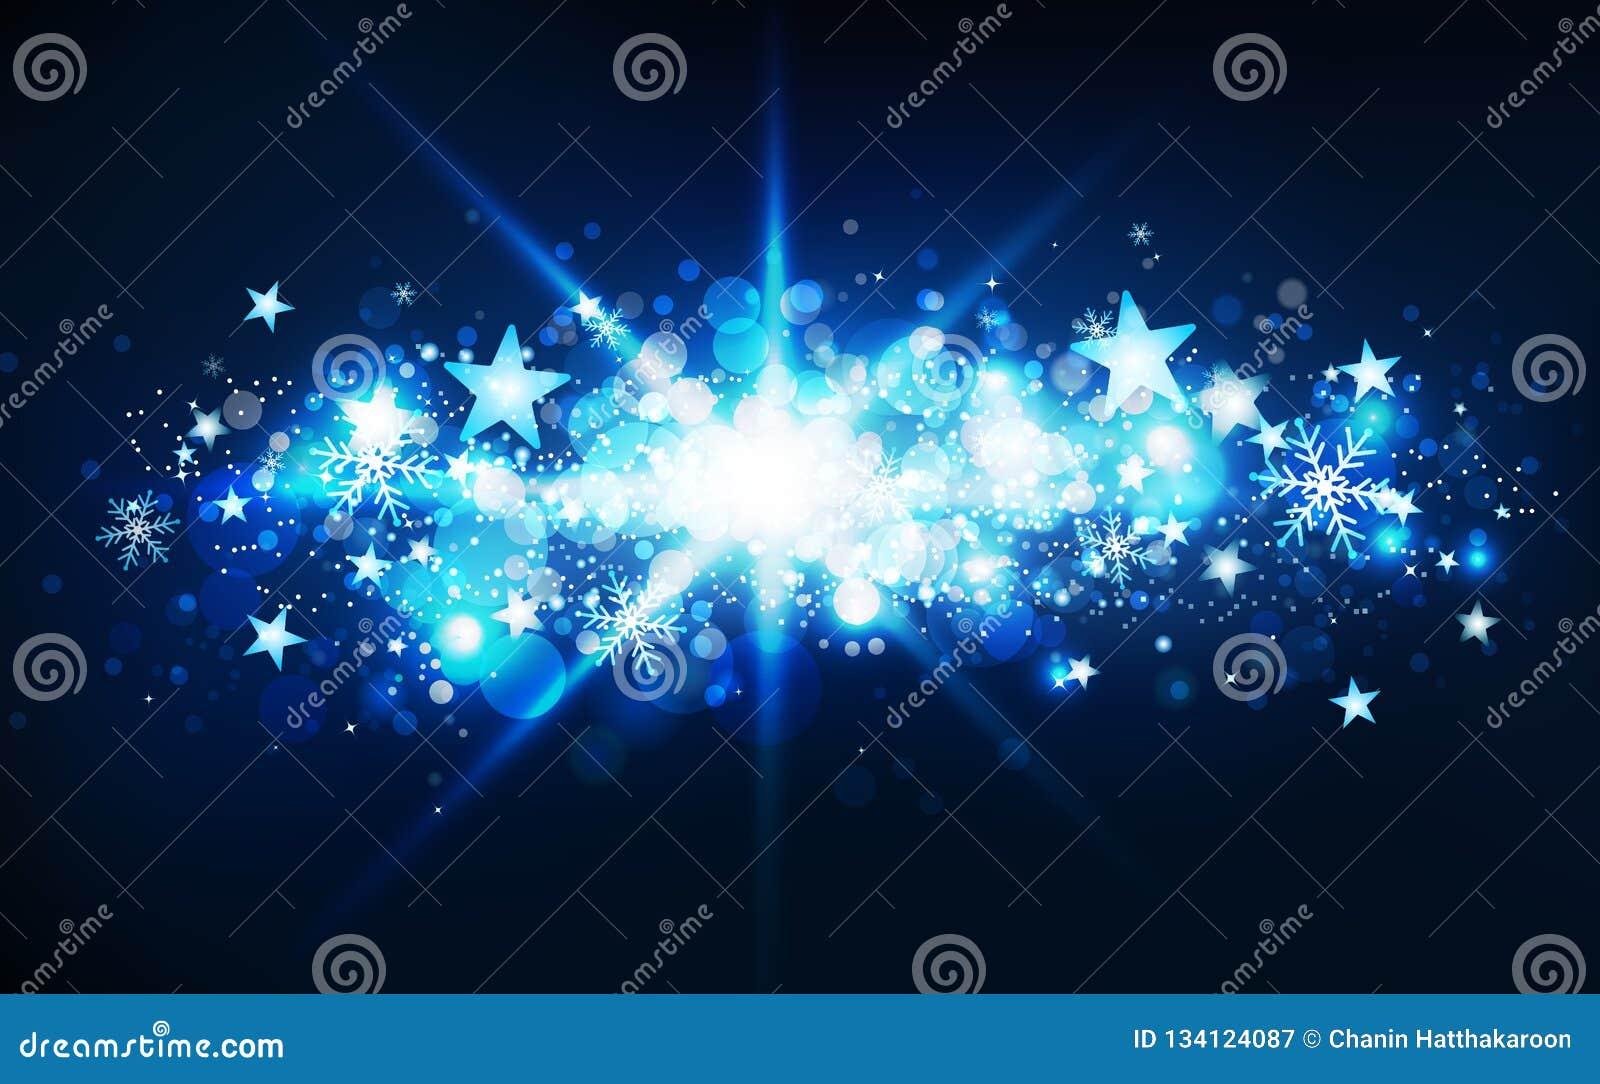 蓝色不可思议的幻想星爆炸、流星冬天季节、五彩纸屑、雪花和尘土发光的微粒弄脏群消散